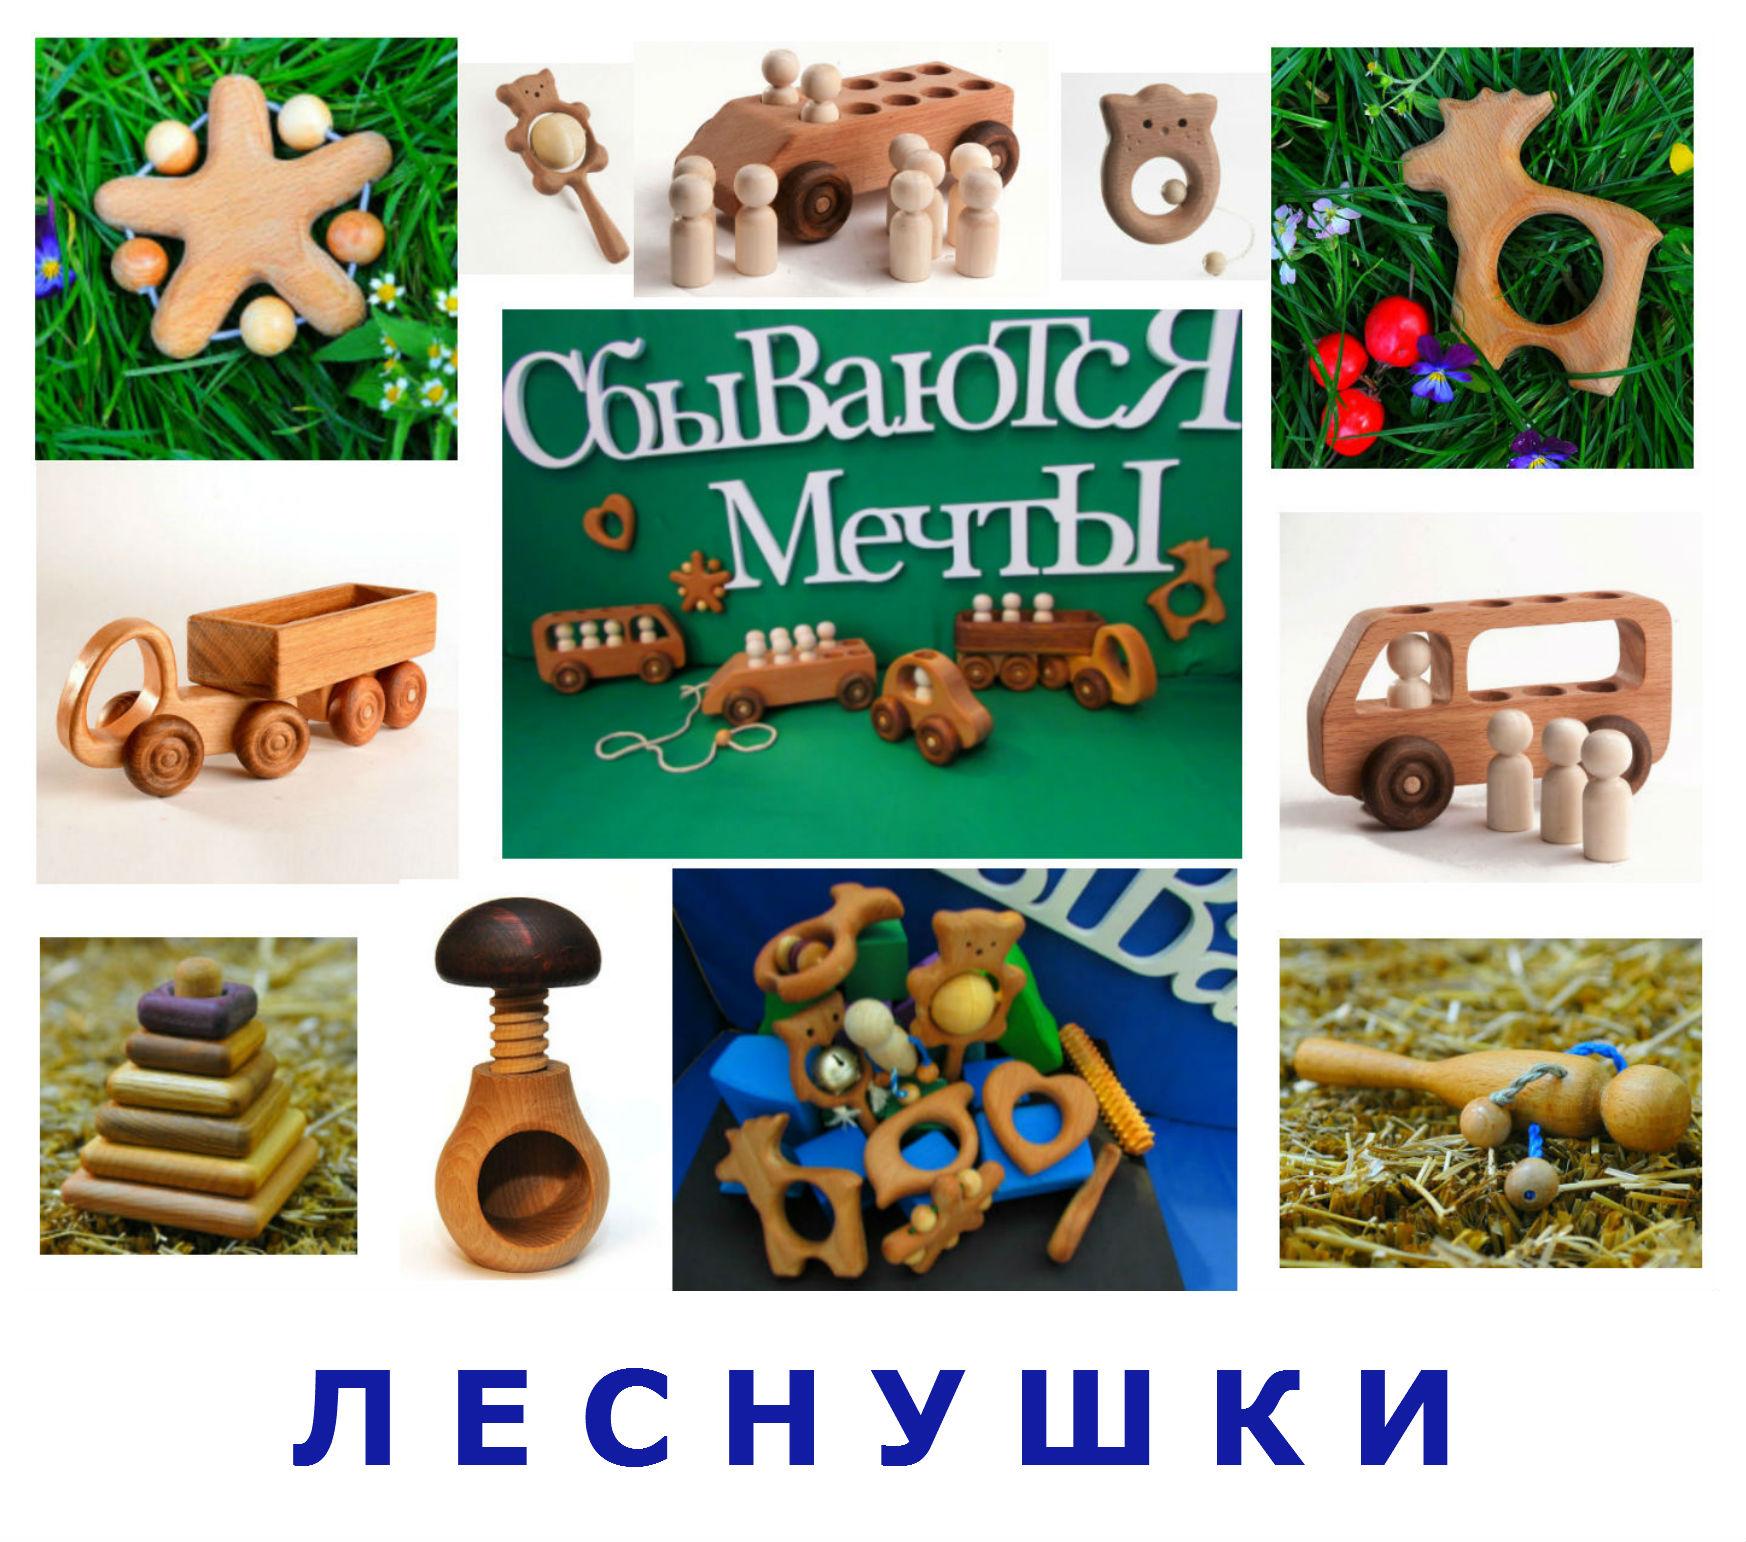 Сбор заказов. Экспресс. Эксклюзивные деревянные игрушки ЛЕСНУШКИ для малышей и постарше. Постоплата 13